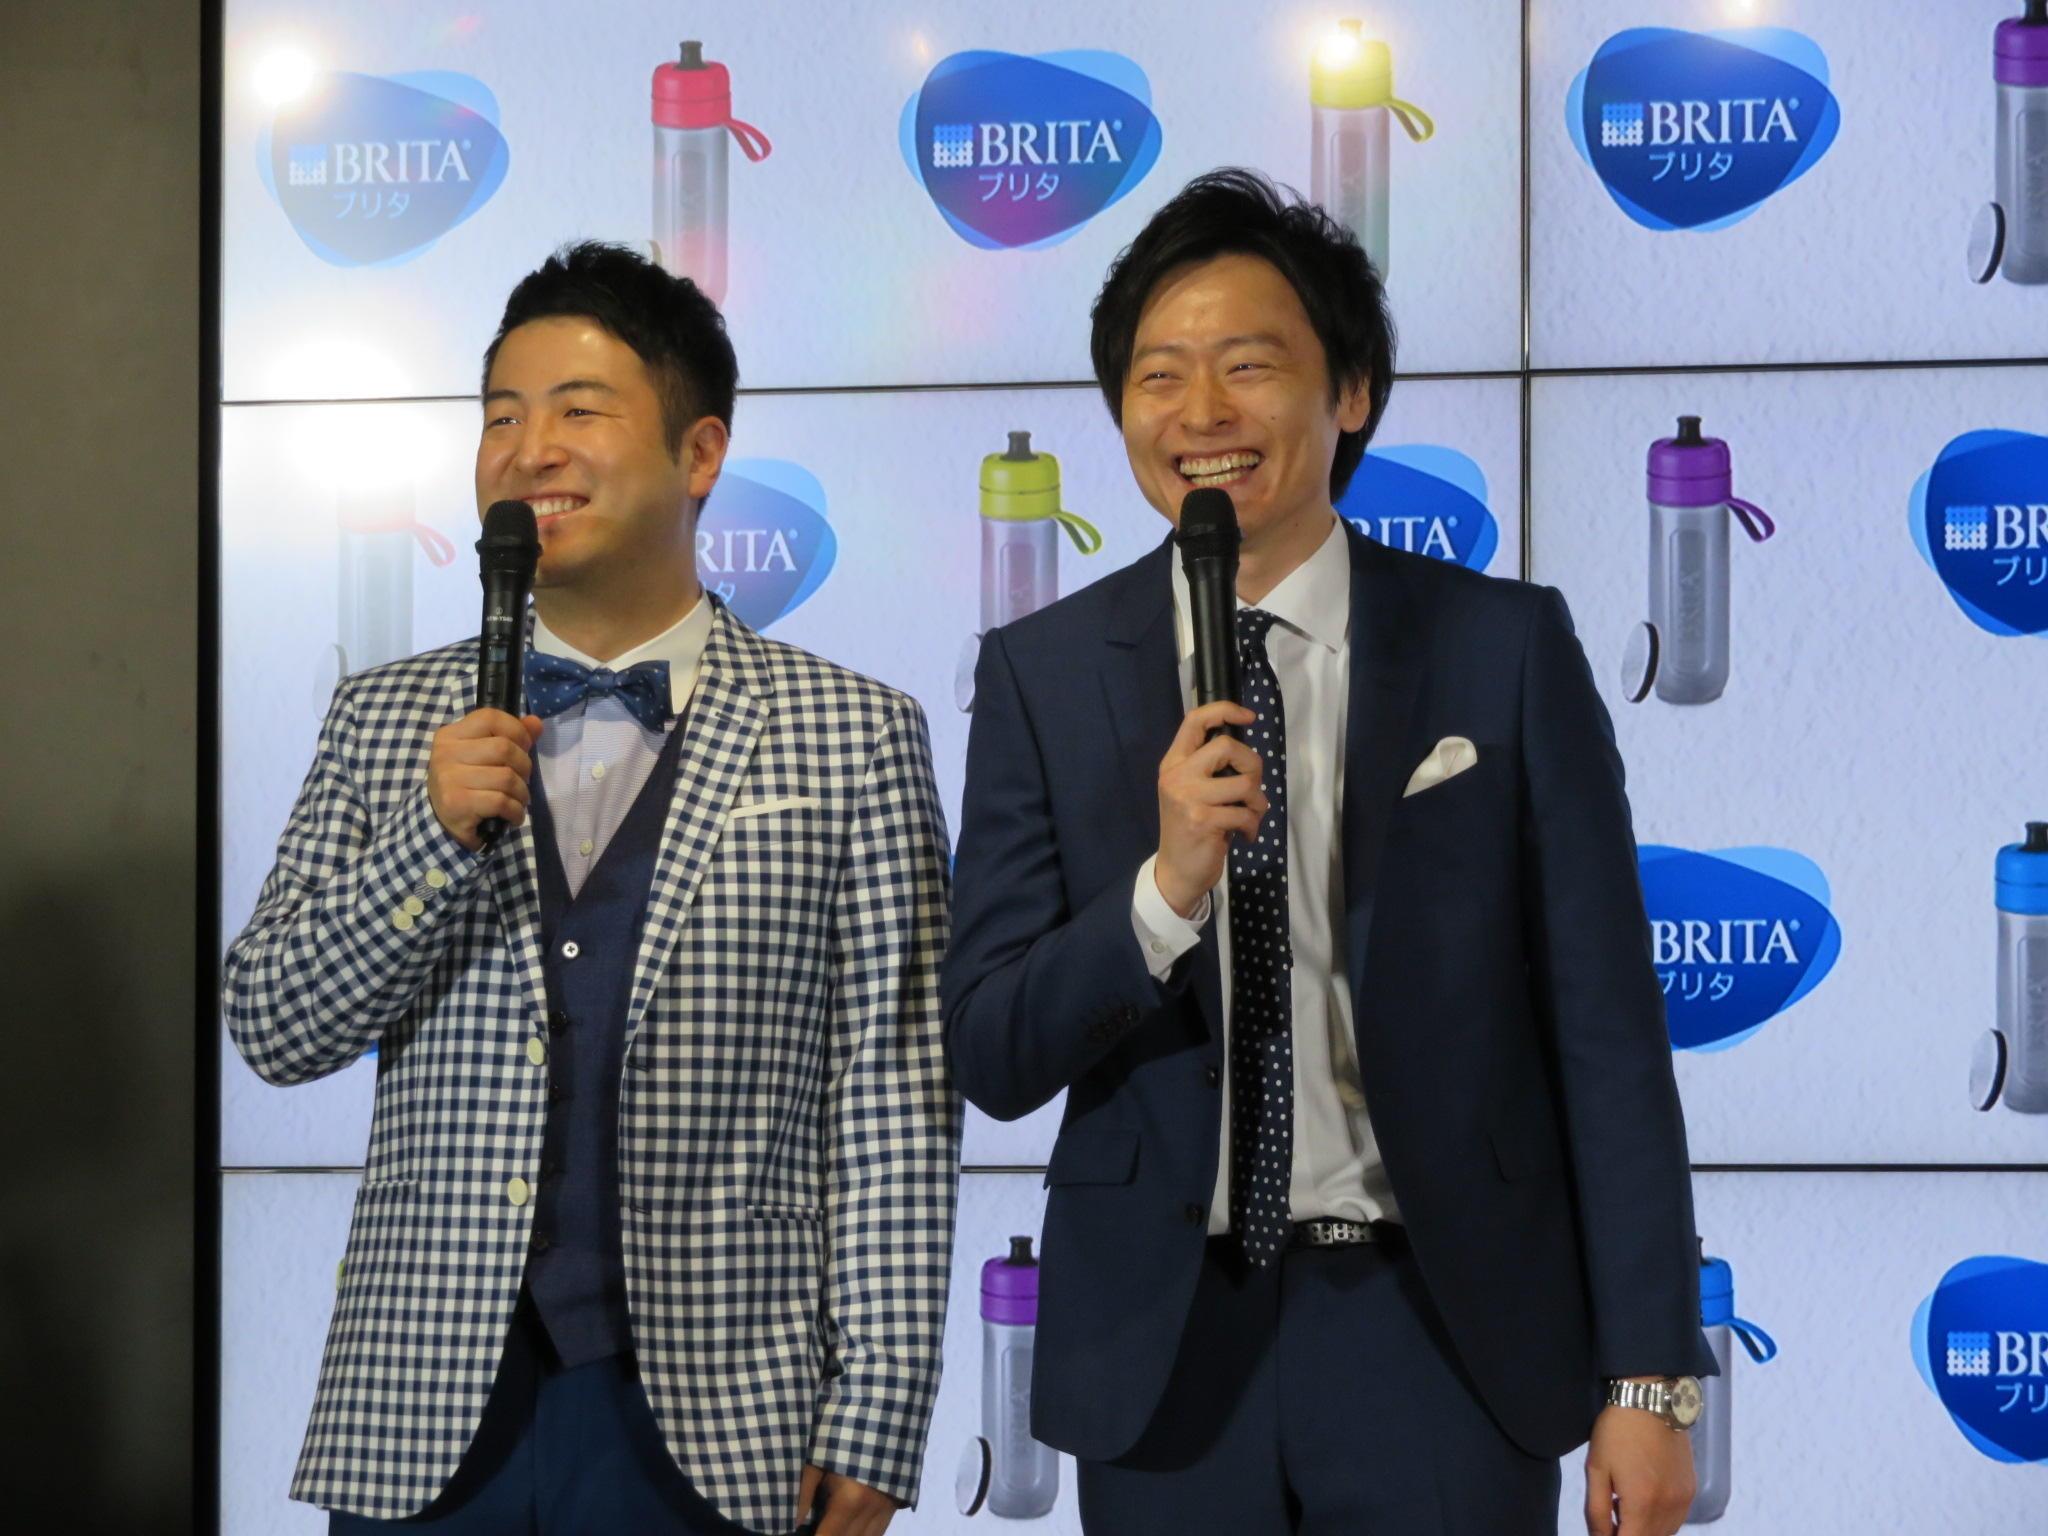 http://news.yoshimoto.co.jp/20180207190718-4b0f8d00a3f8fed1a2db172f2dca29c1e1e778f7.jpg